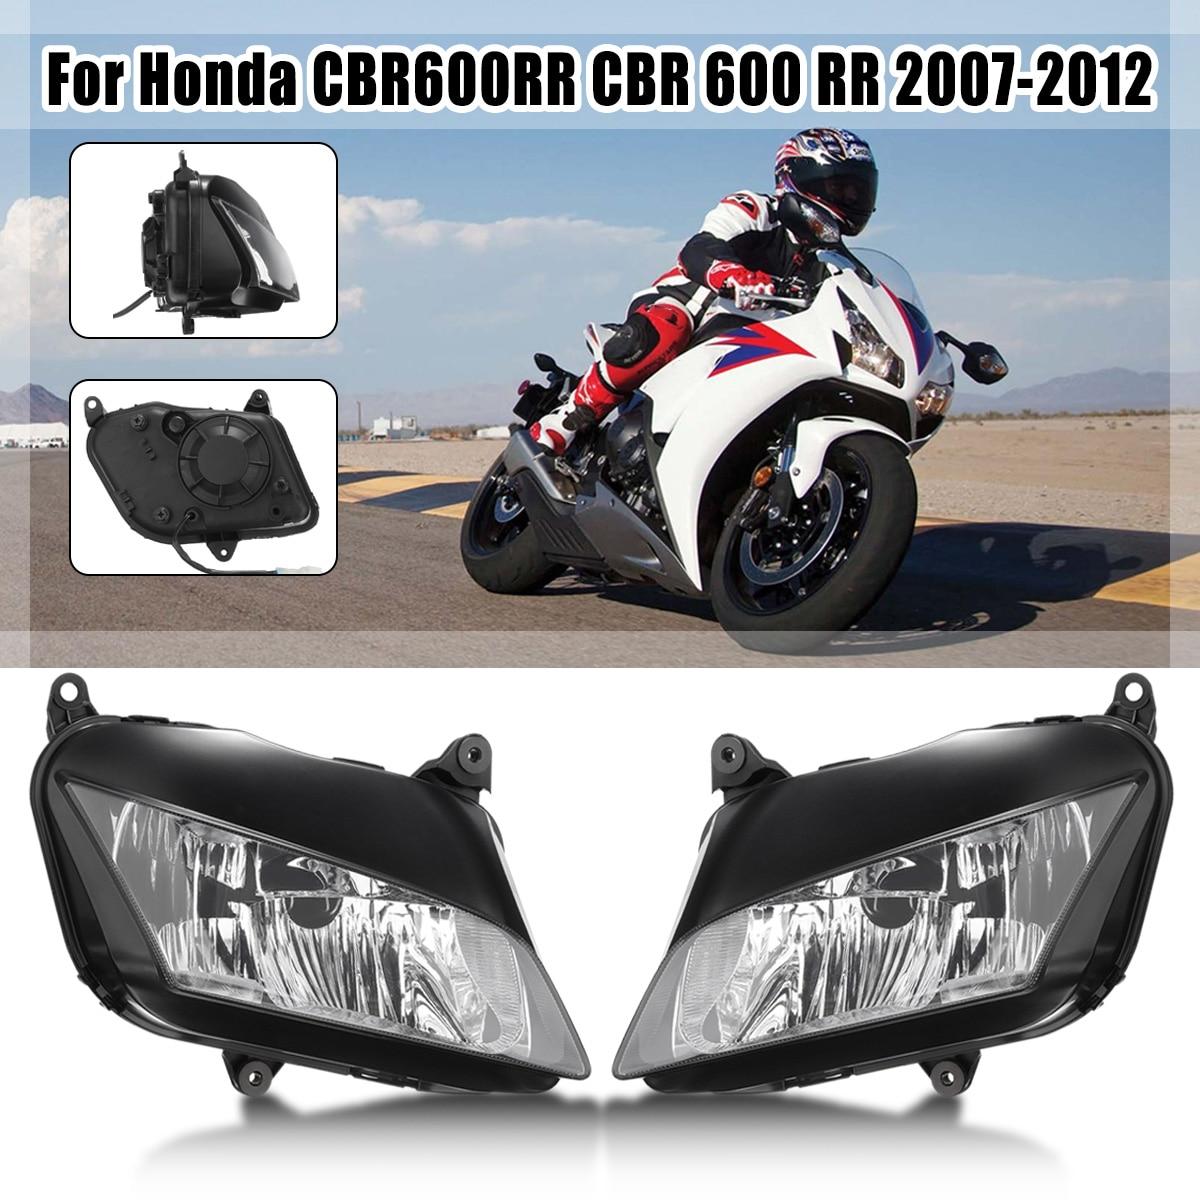 Pour Honda Cbr 600Rr phare de moto phare pour Honda Cbr600Rr 07 2008 2009 2010 11 2007-2011 Cbr600 600 Rr stylePour Honda Cbr 600Rr phare de moto phare pour Honda Cbr600Rr 07 2008 2009 2010 11 2007-2011 Cbr600 600 Rr style